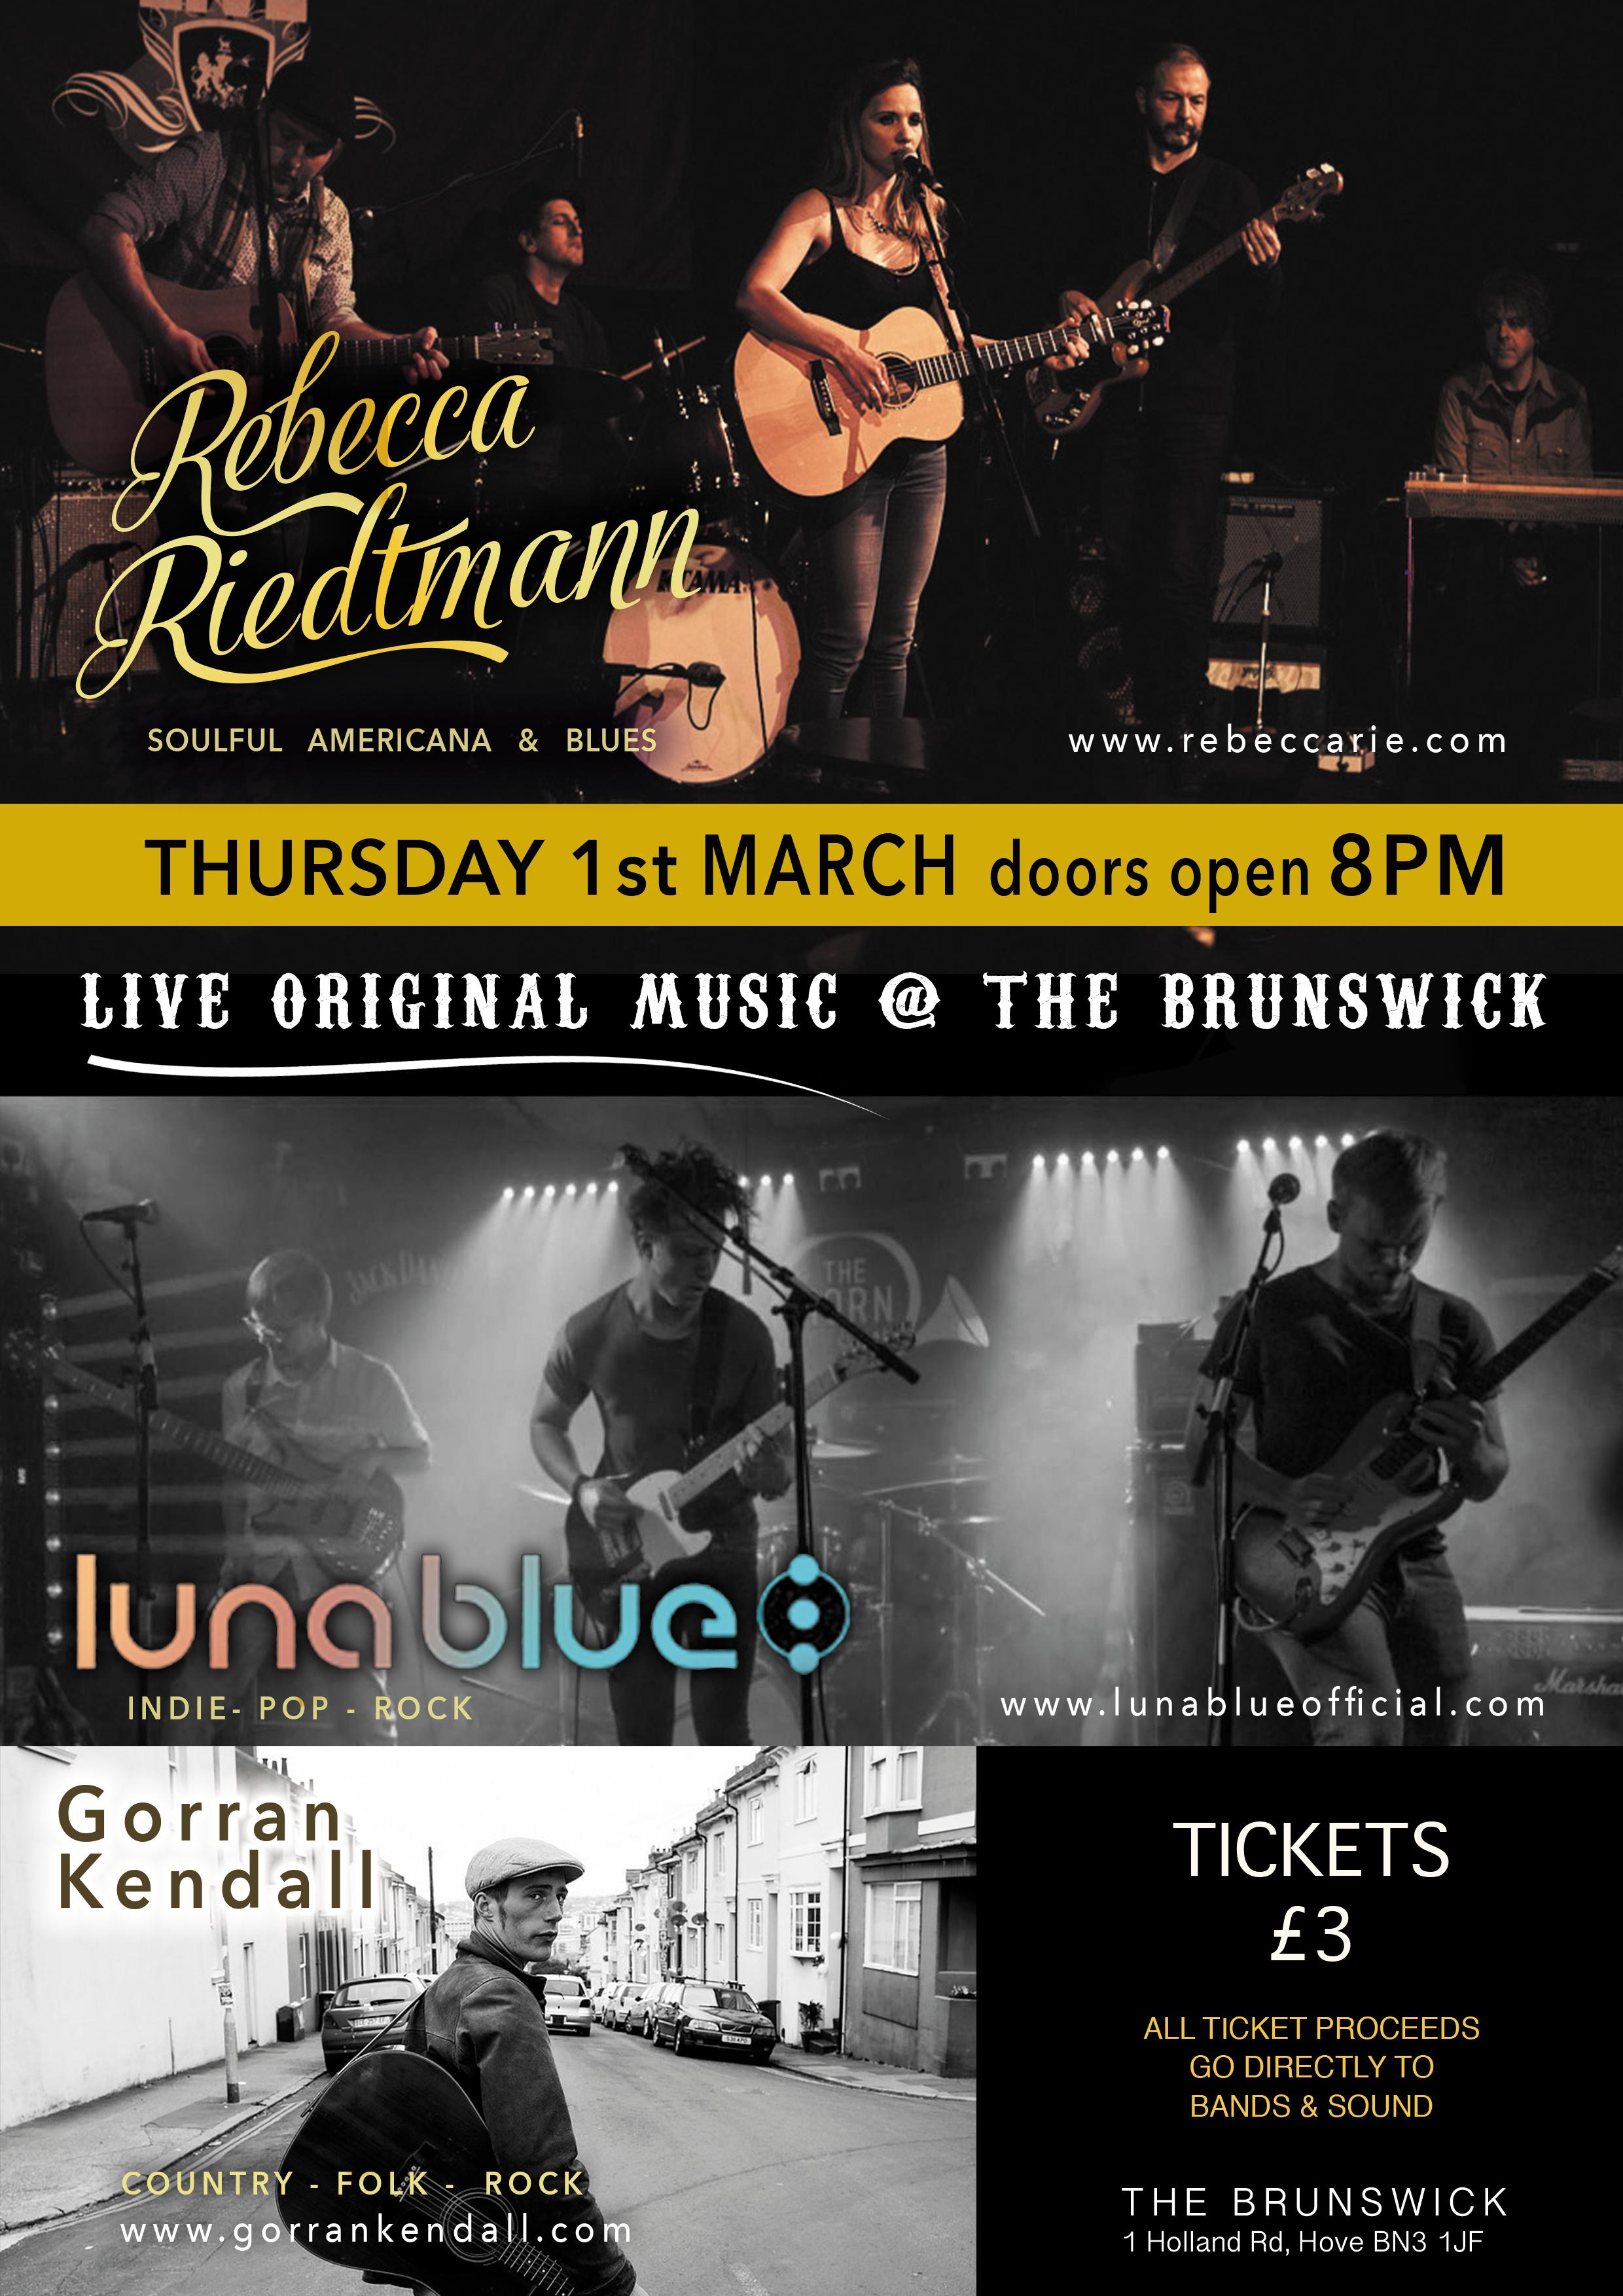 brunswick poster a4